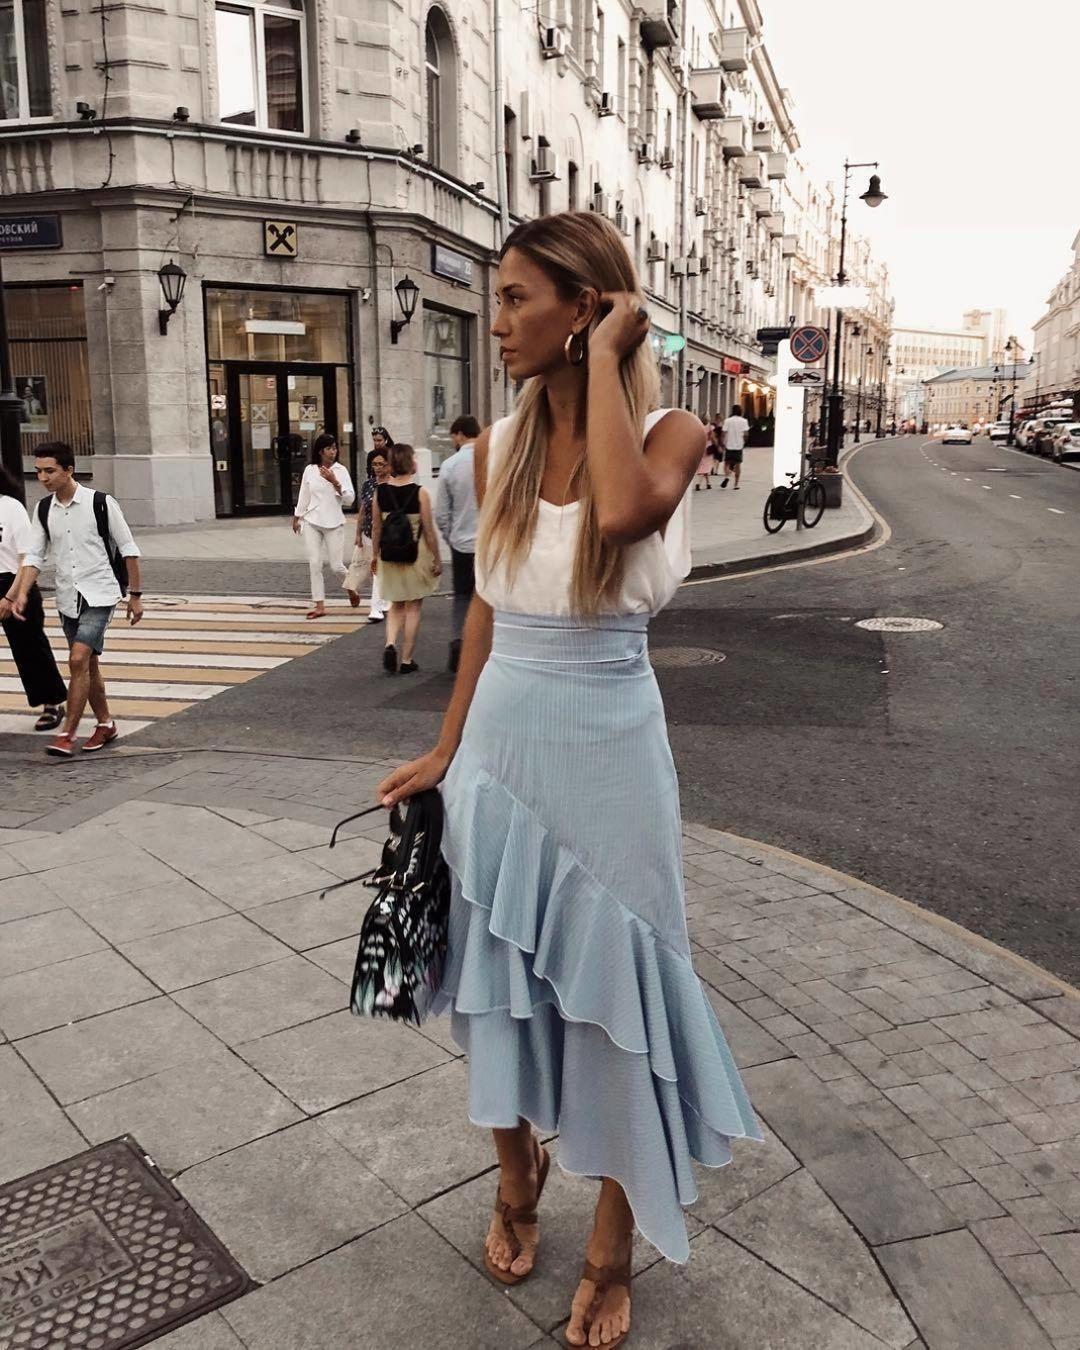 11 стильных образов в расслабленном городском стиле